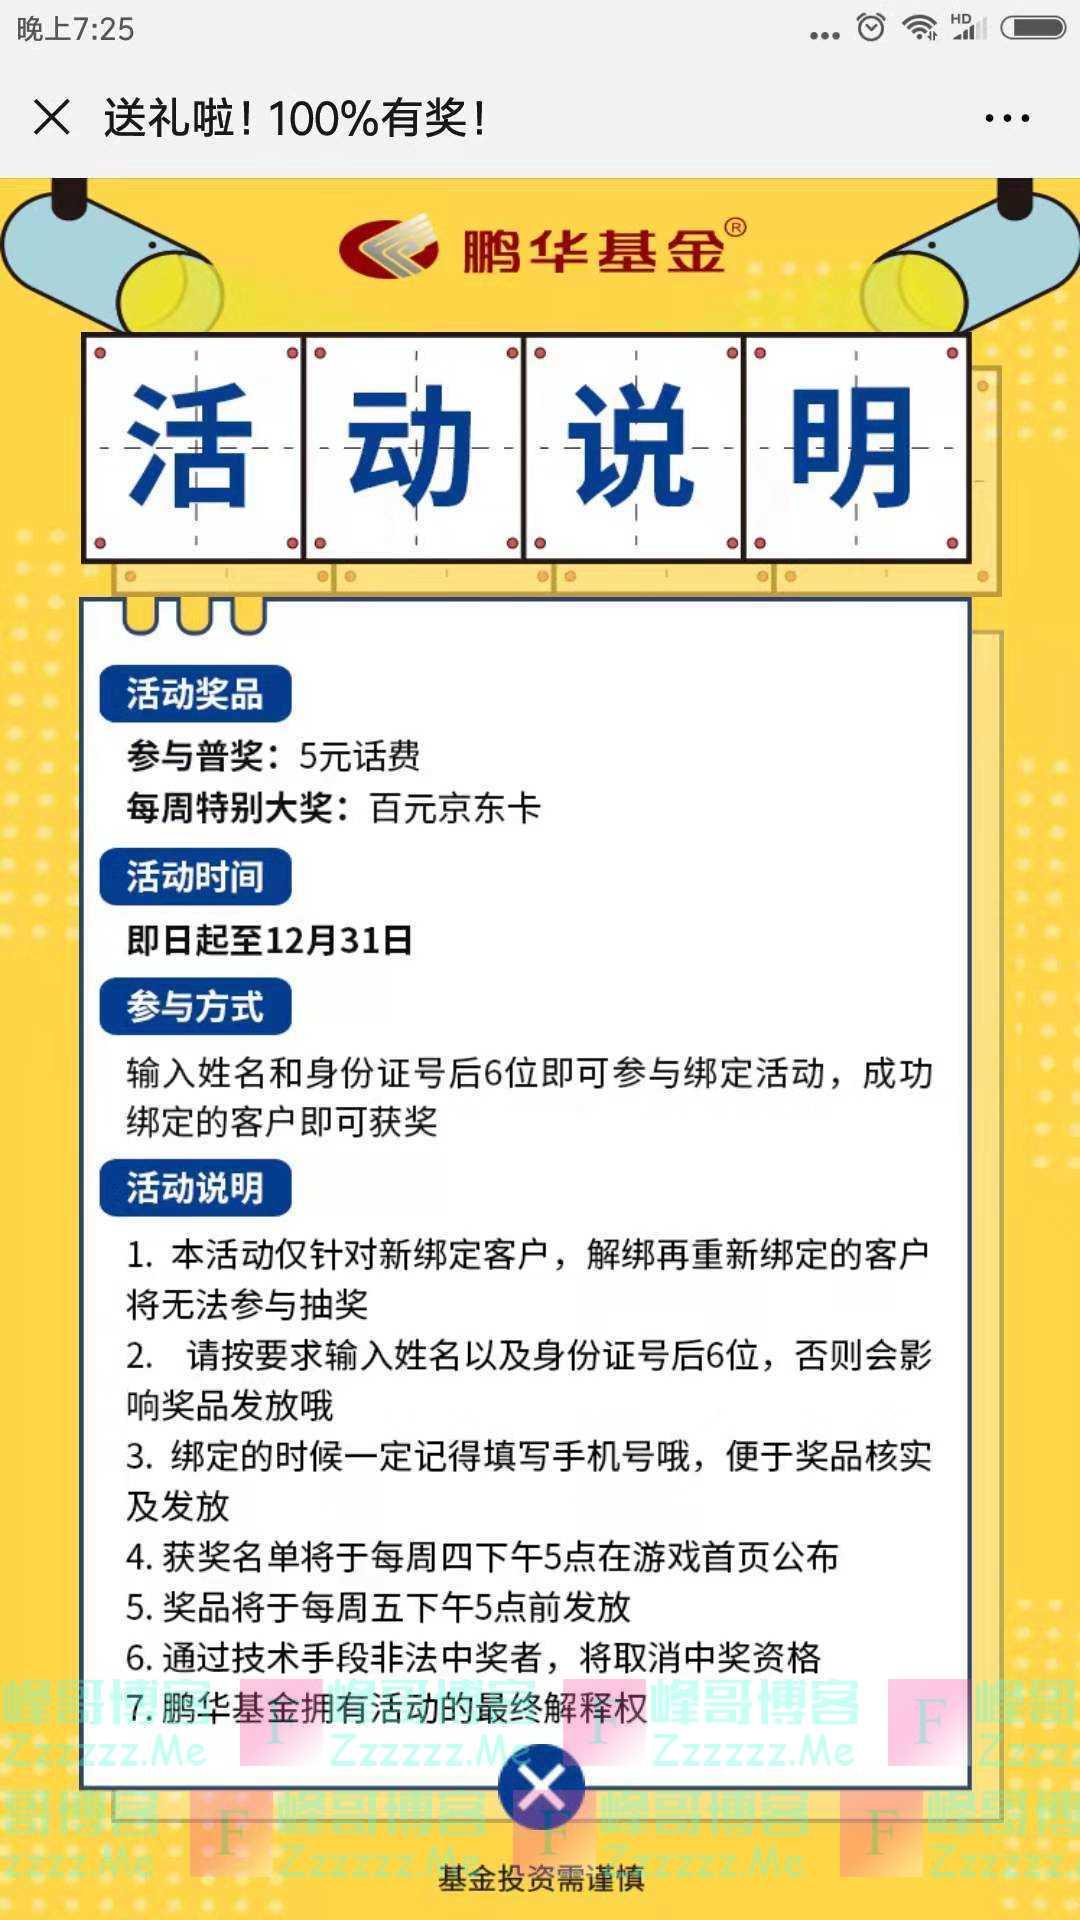 鹏华基金送礼啦(截止12月31日)